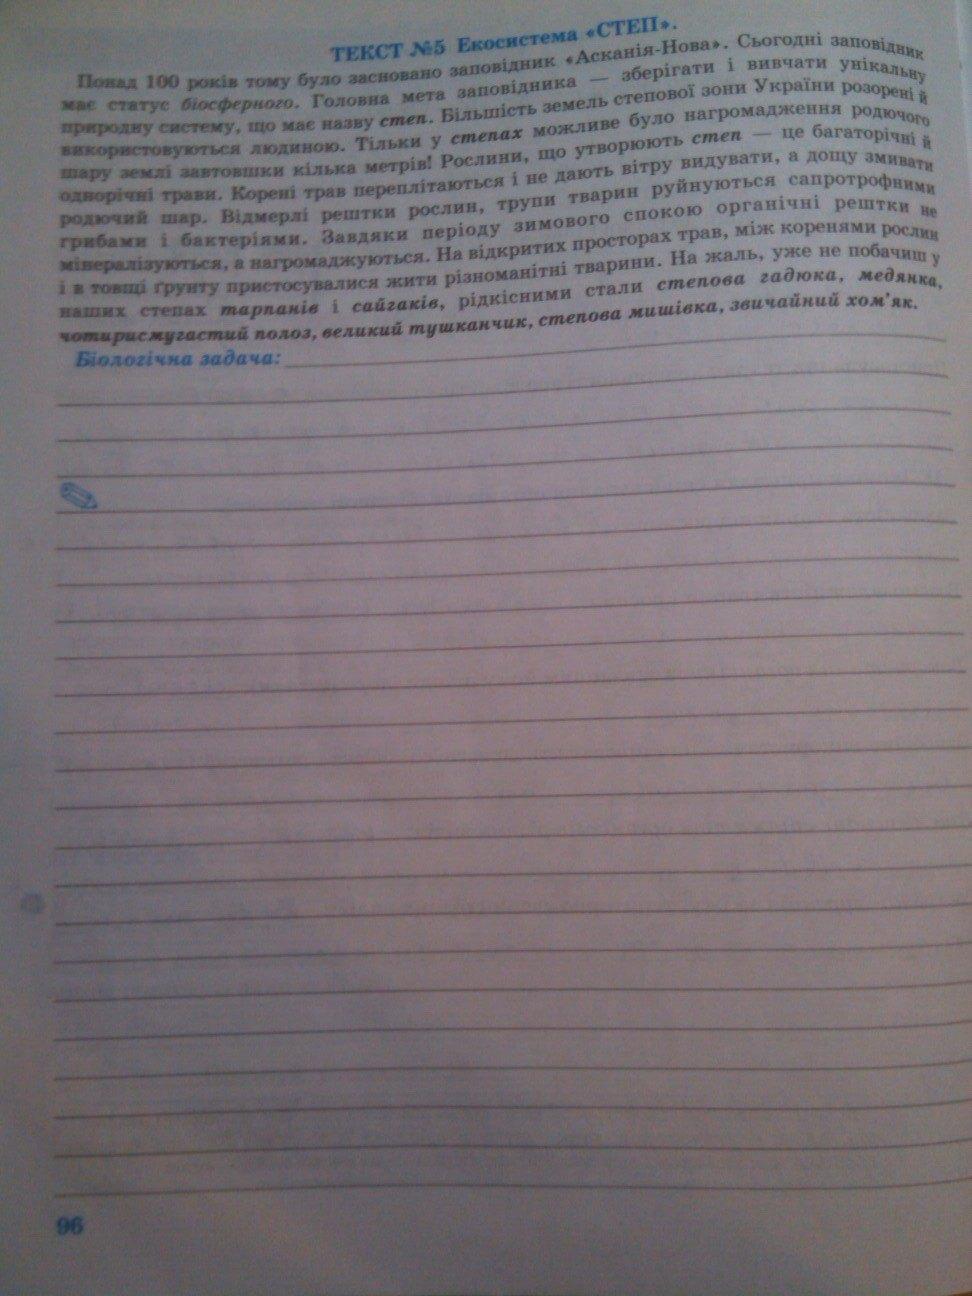 ГДЗ відповіді робочий зошит по биологии 8 класс О.В. Князева. Задание: стр. 96